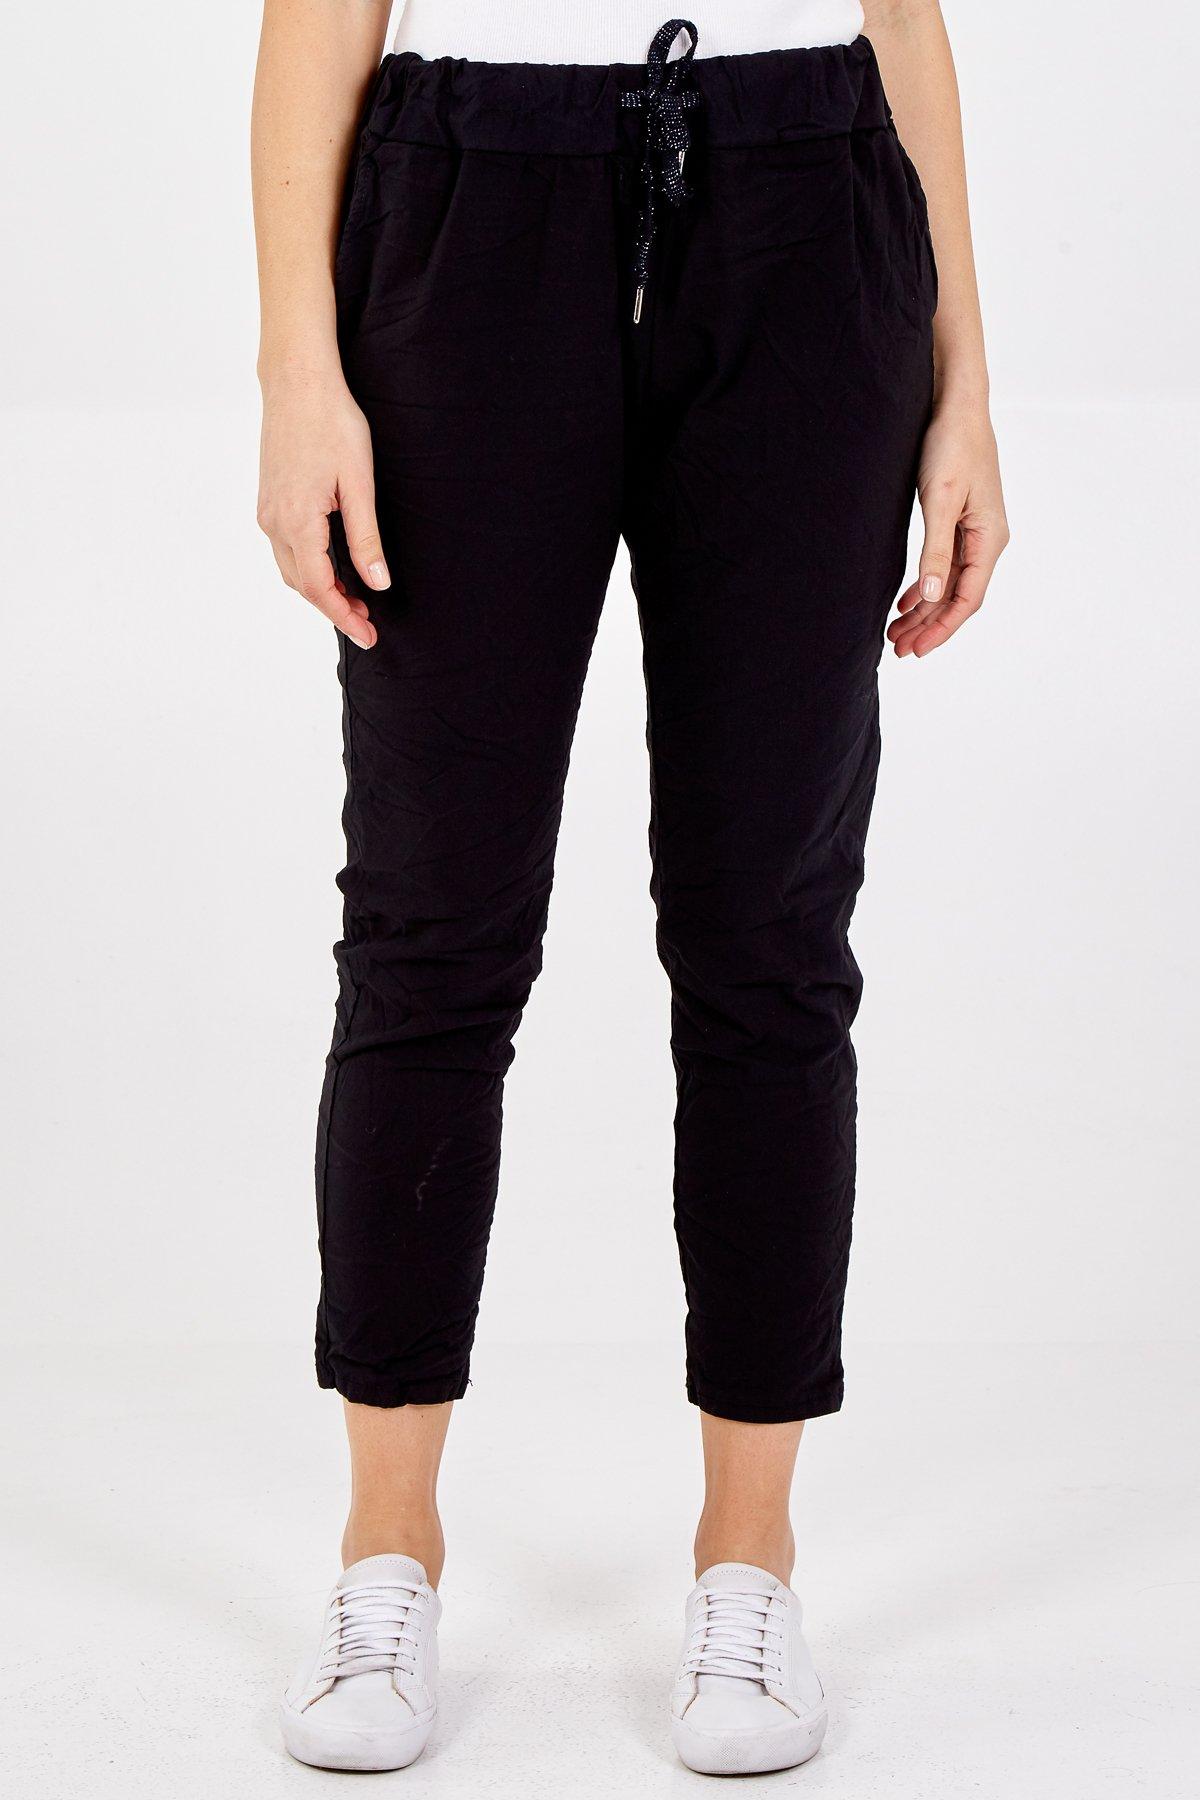 Black Magic Super Soft Super Stretch Glitter Draw String Trousers